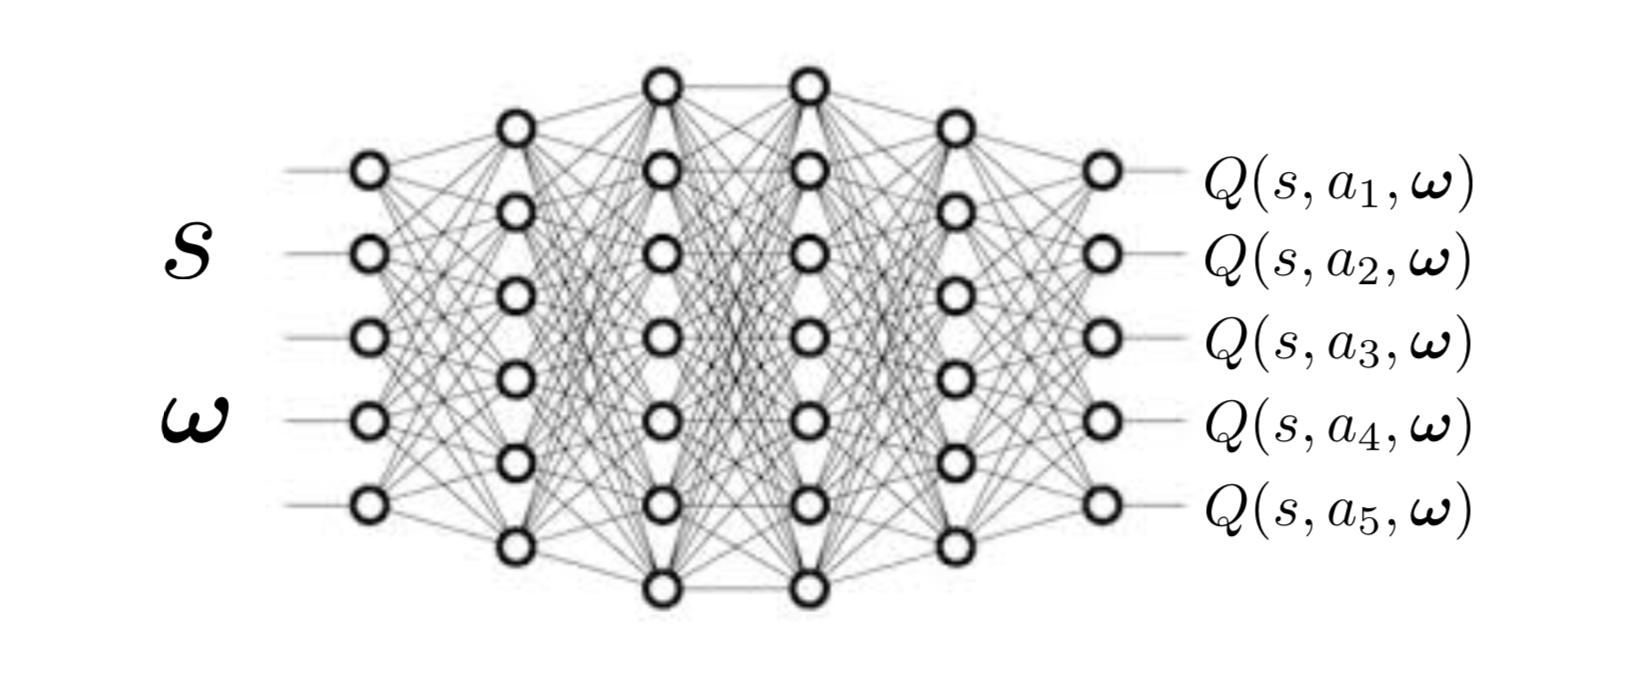 morl-neural-network